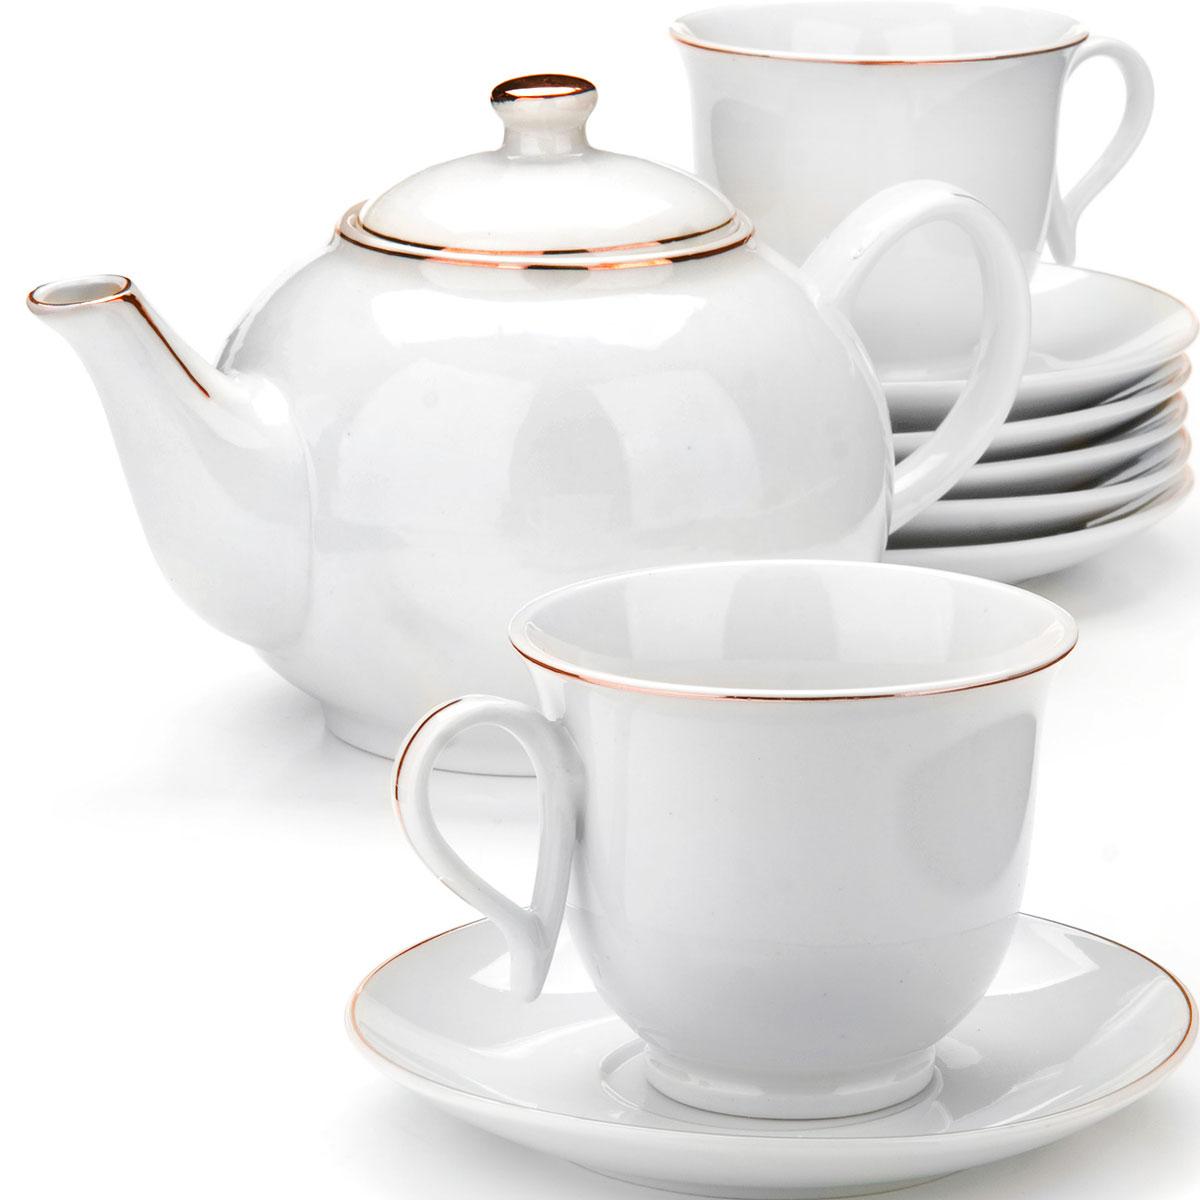 Сервиз чайный Loraine, 14 предметов. 2593525935